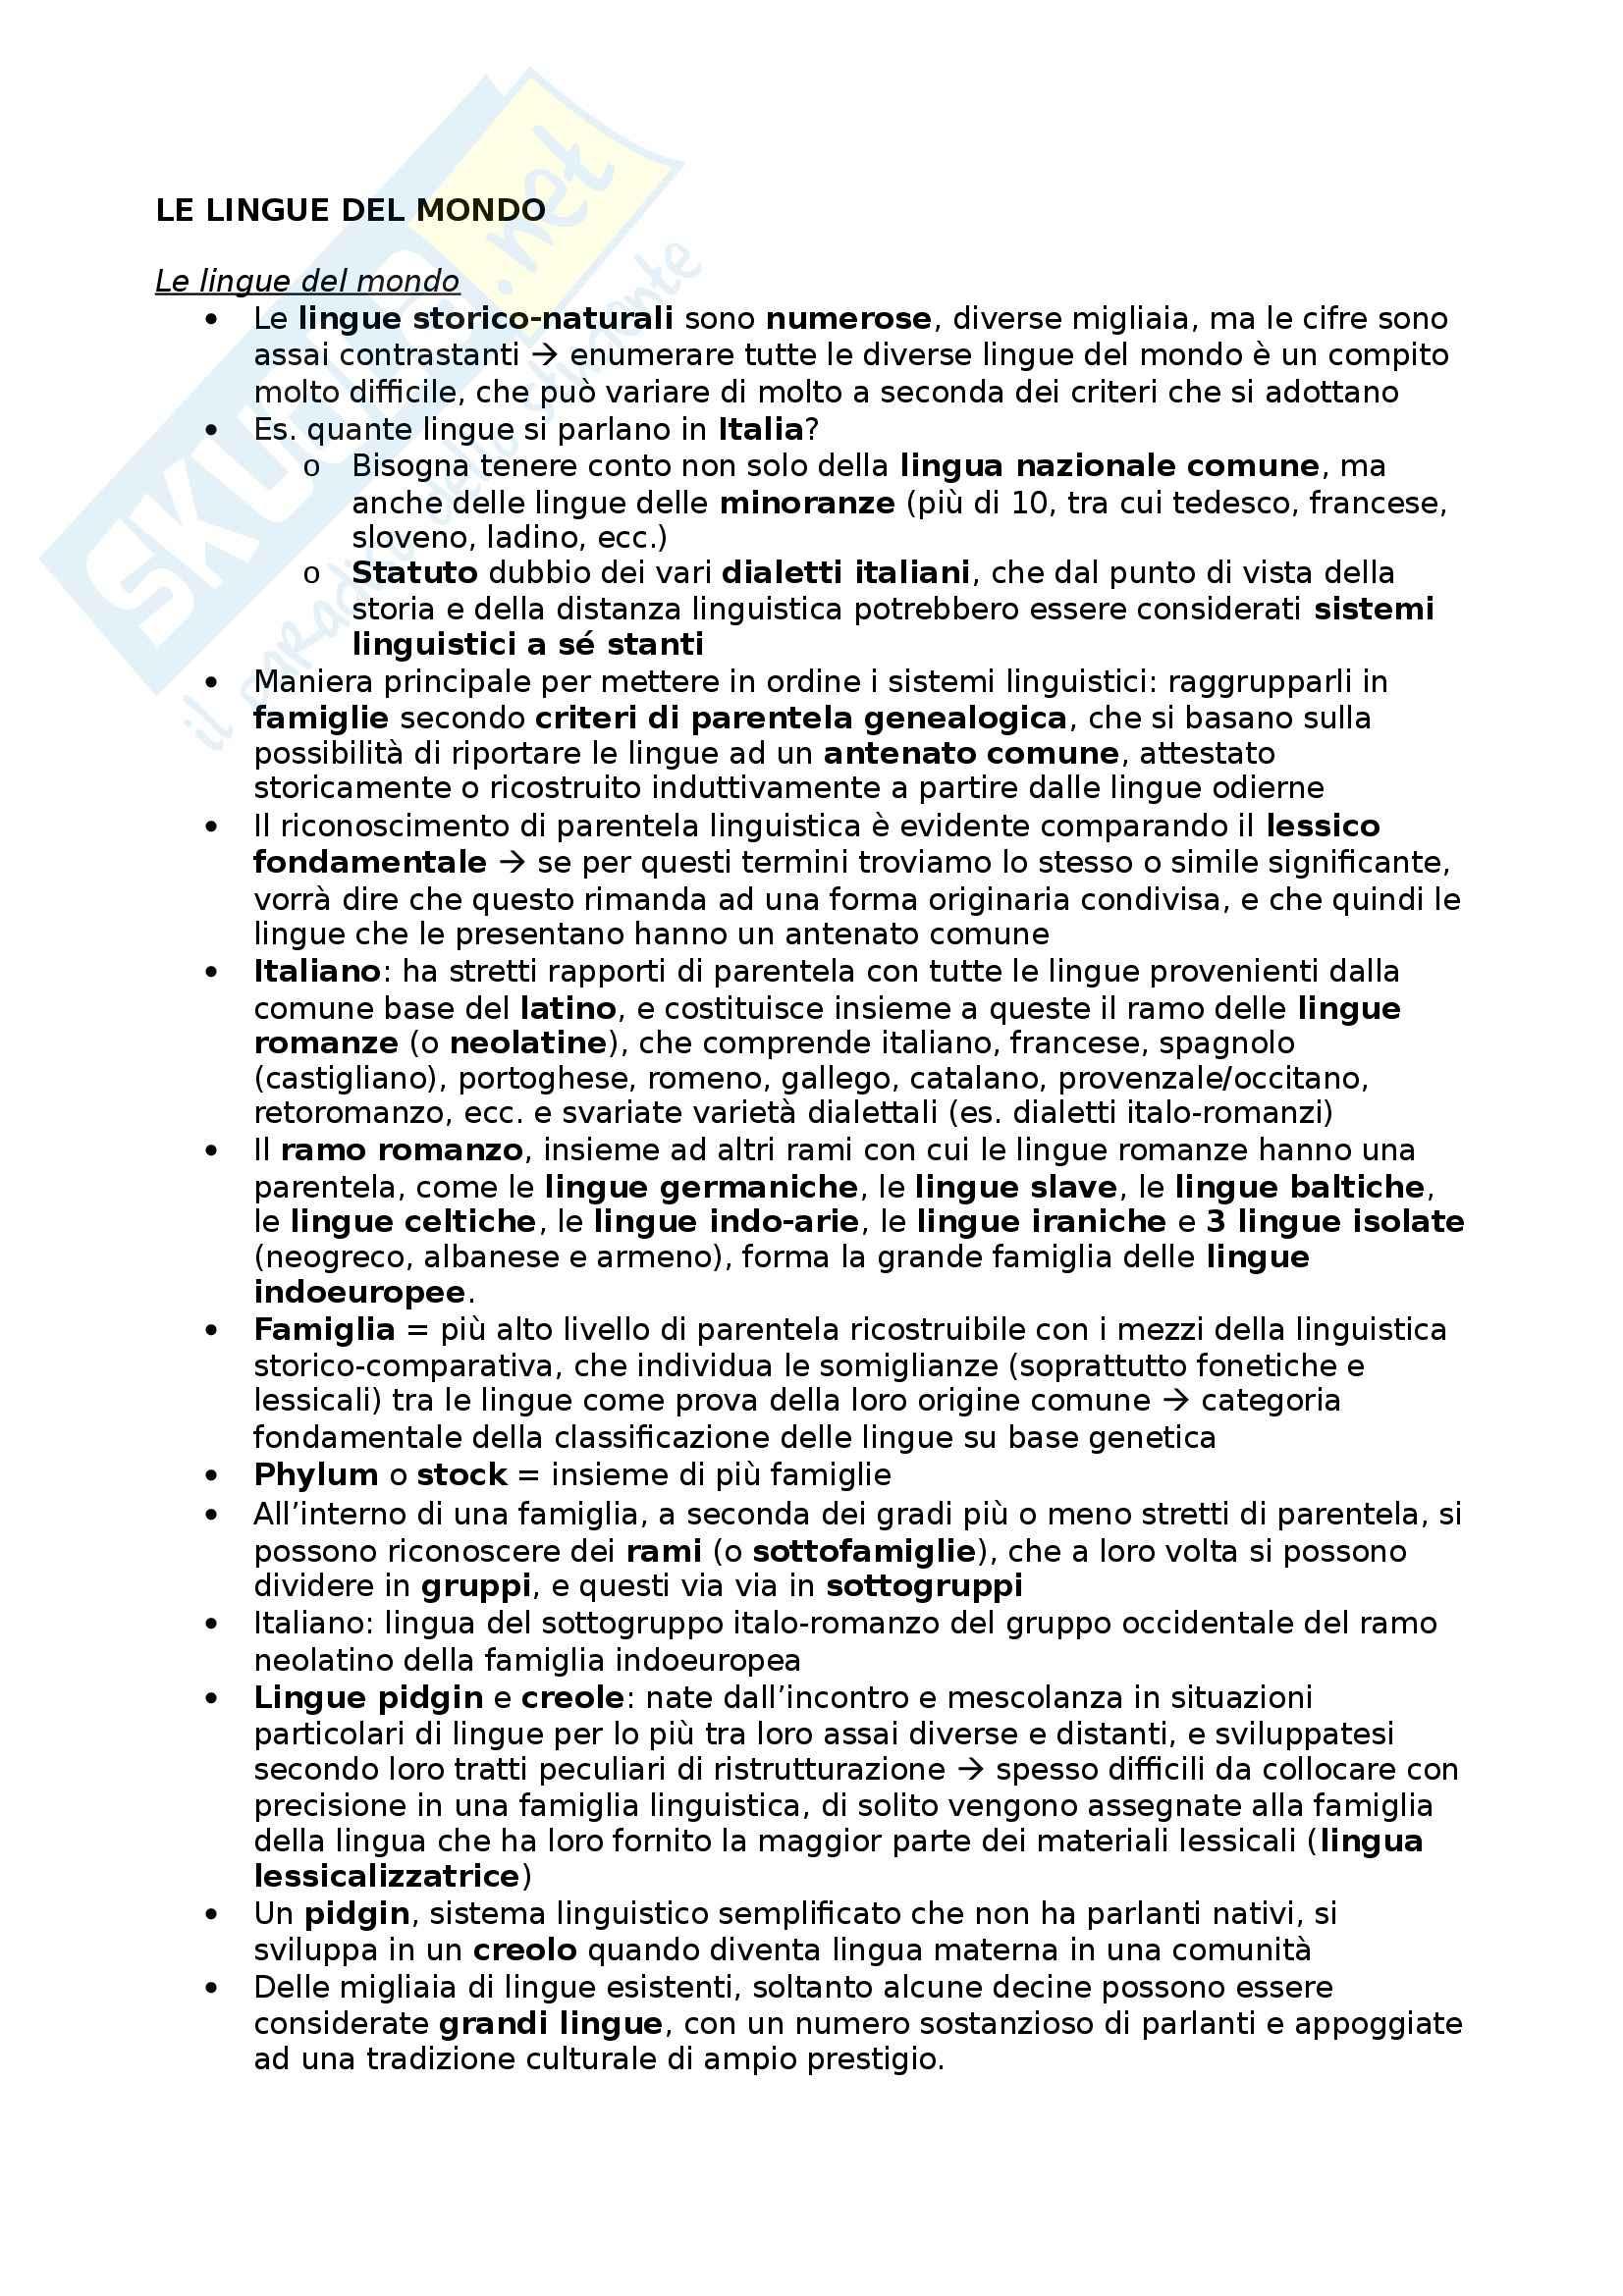 Riassunto esame Glottologia, prof. Bonfadini, libro consigliato La Linguistica: Un Corso Introduttivo, Berruto, Cerruti - cap 6